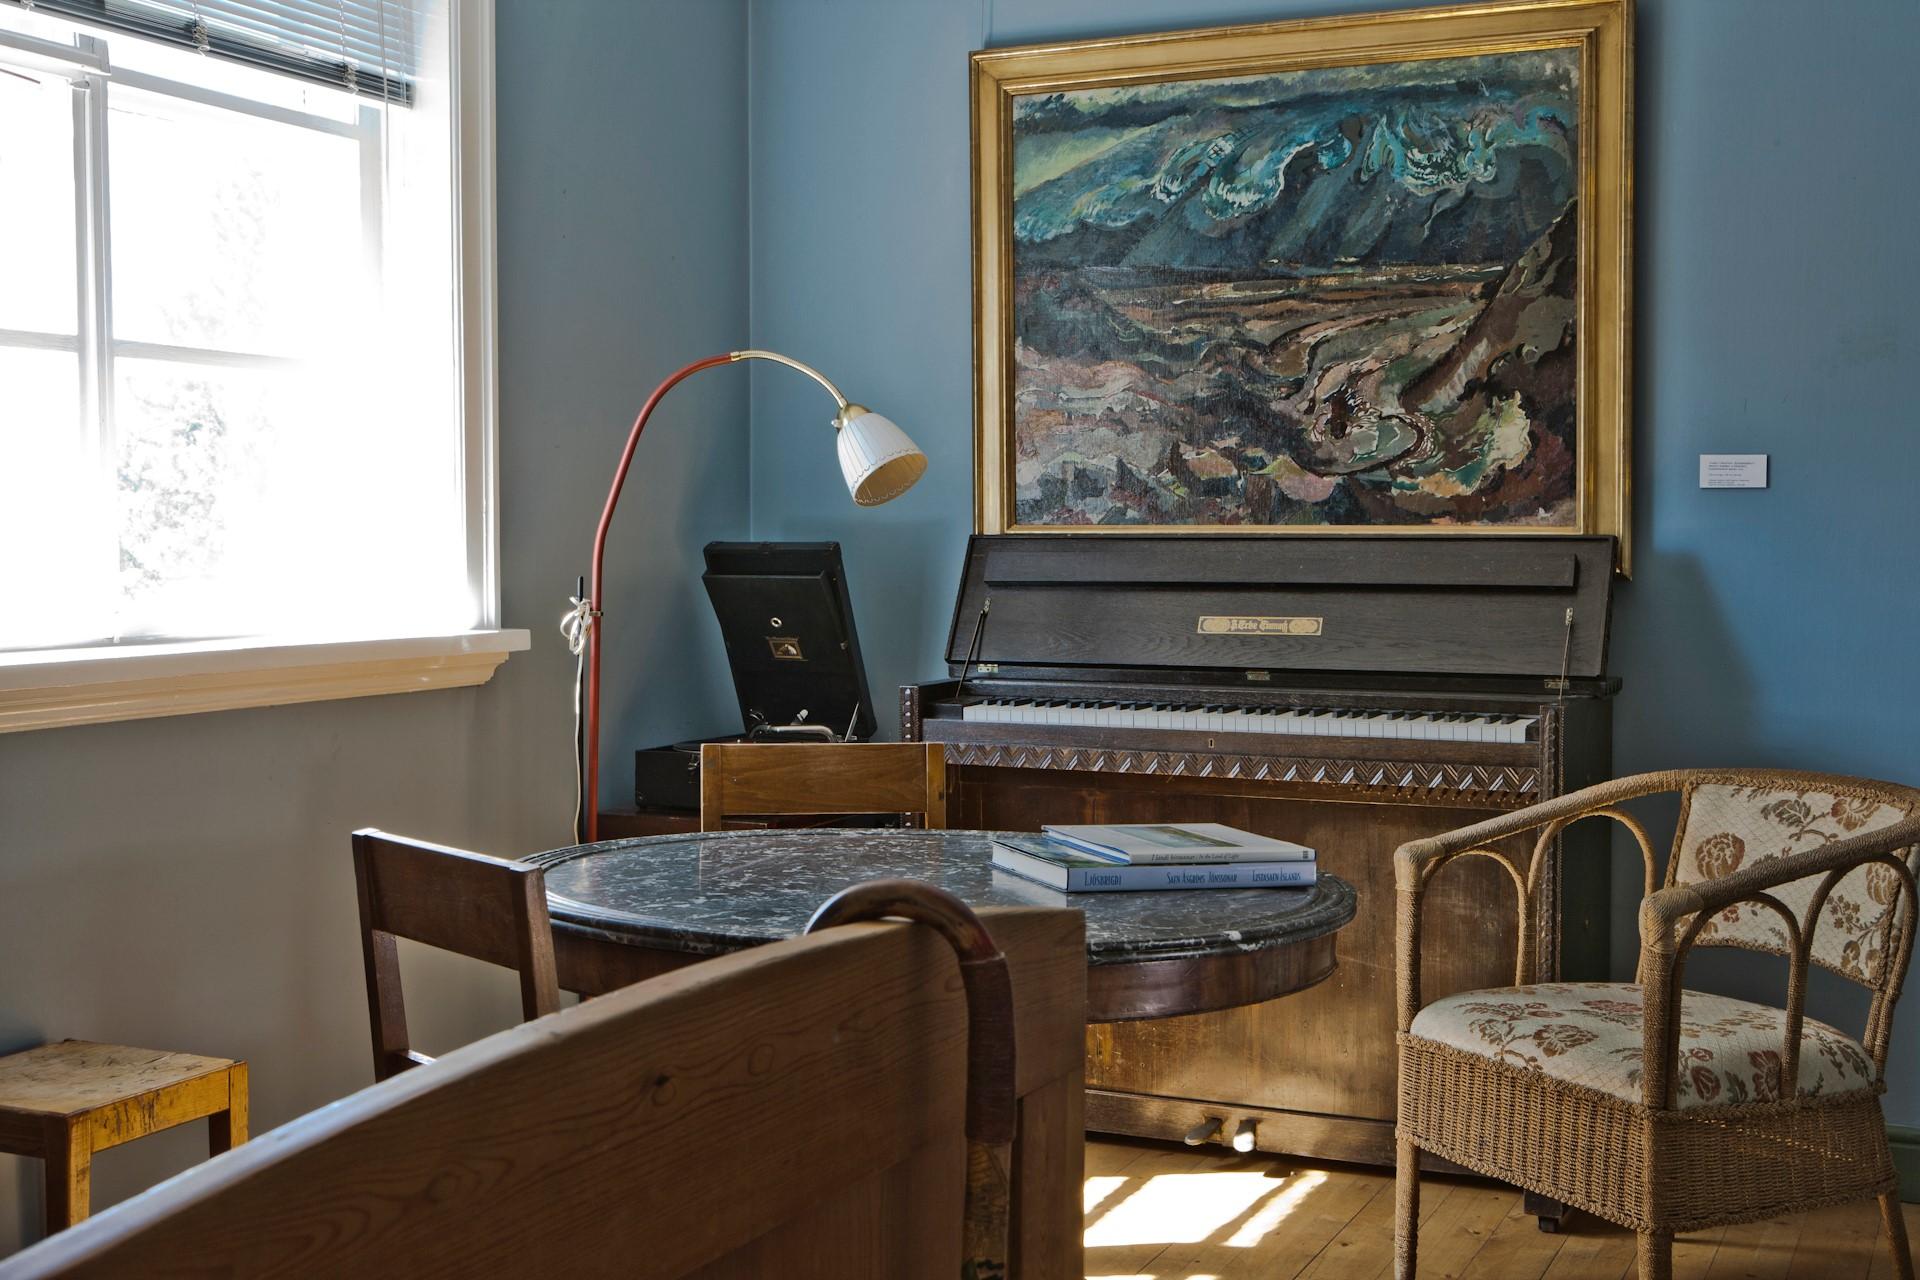 Ásgrímur Jónsson collection